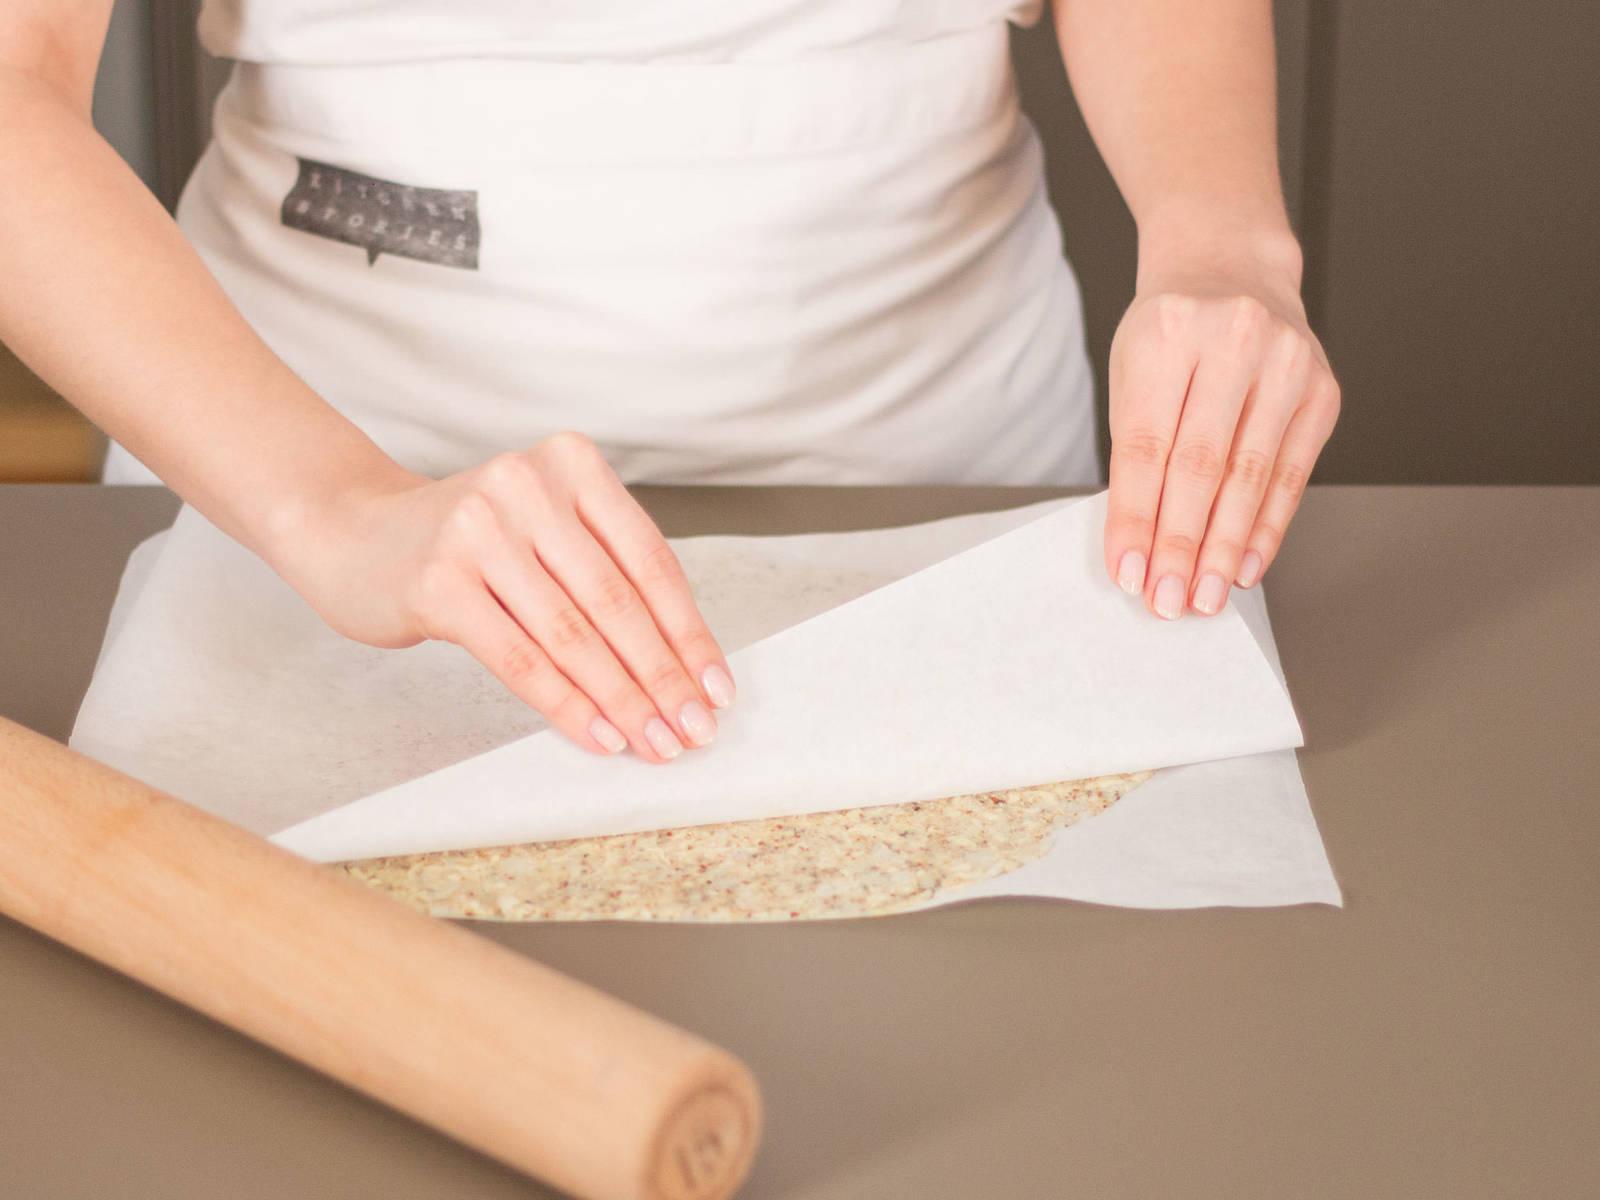 Teig zwischen zwei Bögen Backpapier geben und mit einem Nudelholz ausrollen. Oberen Bogen entfernen, Teig auf ein Backblech geben und im vorgeheizten Backofen bei 180°C ca. 15 – 20 Min. backen.